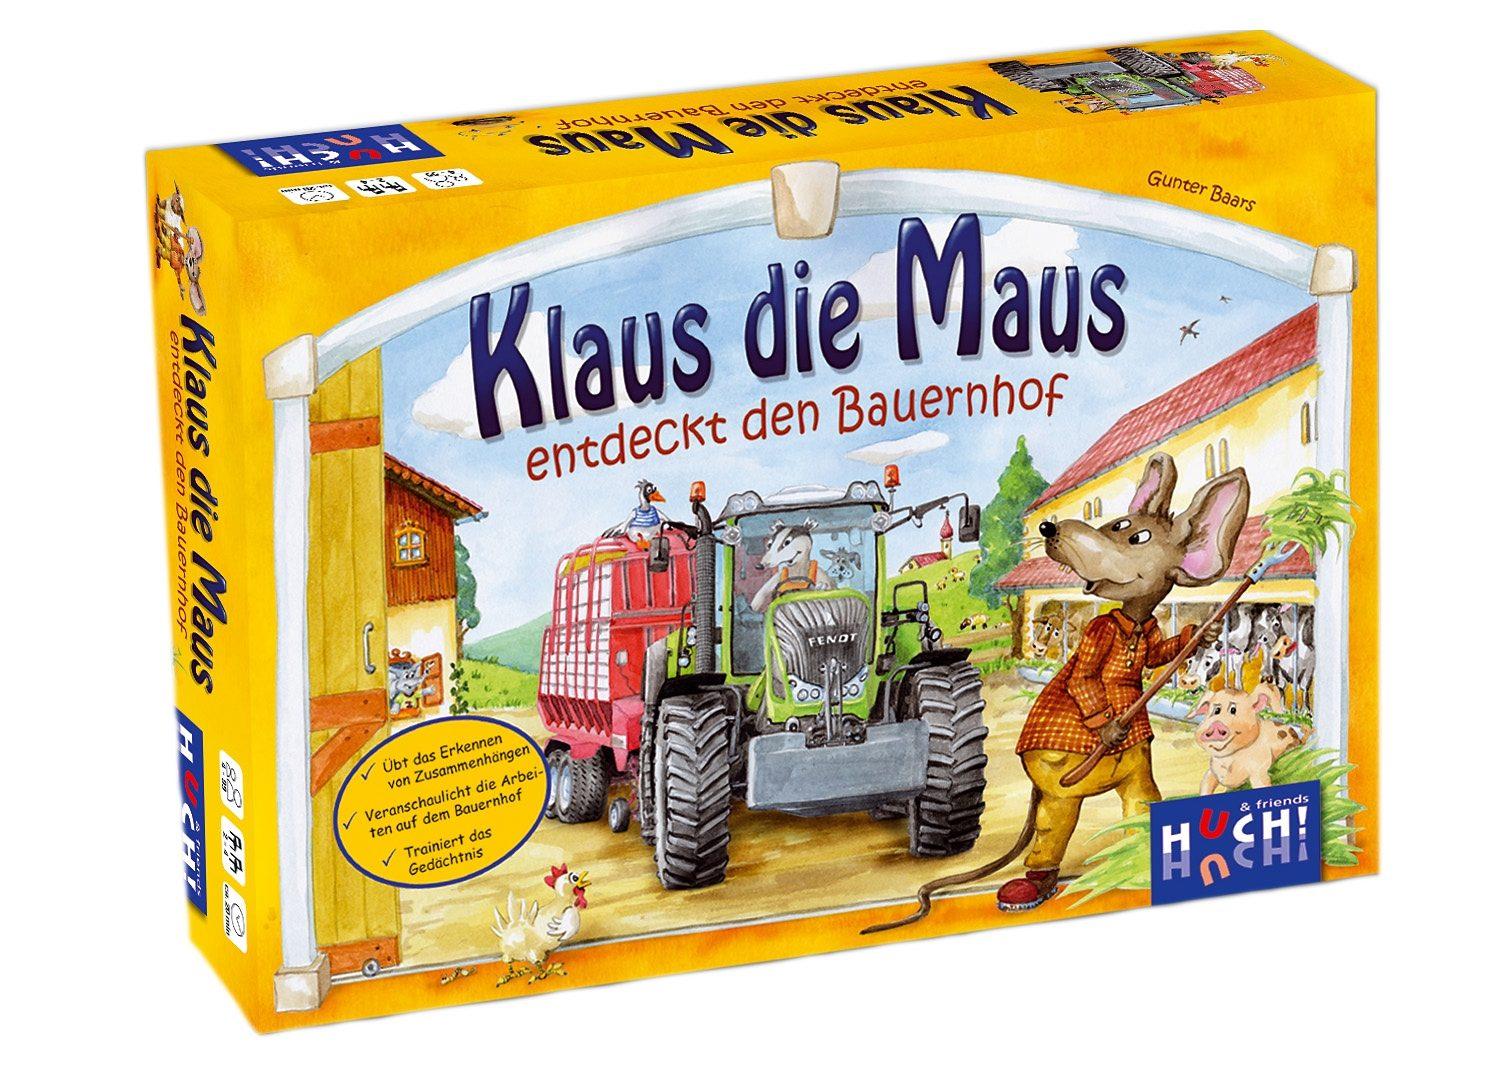 Huch! & friends Kinderspiel, »Klaus die Maus entdeckt den Bauernhof«